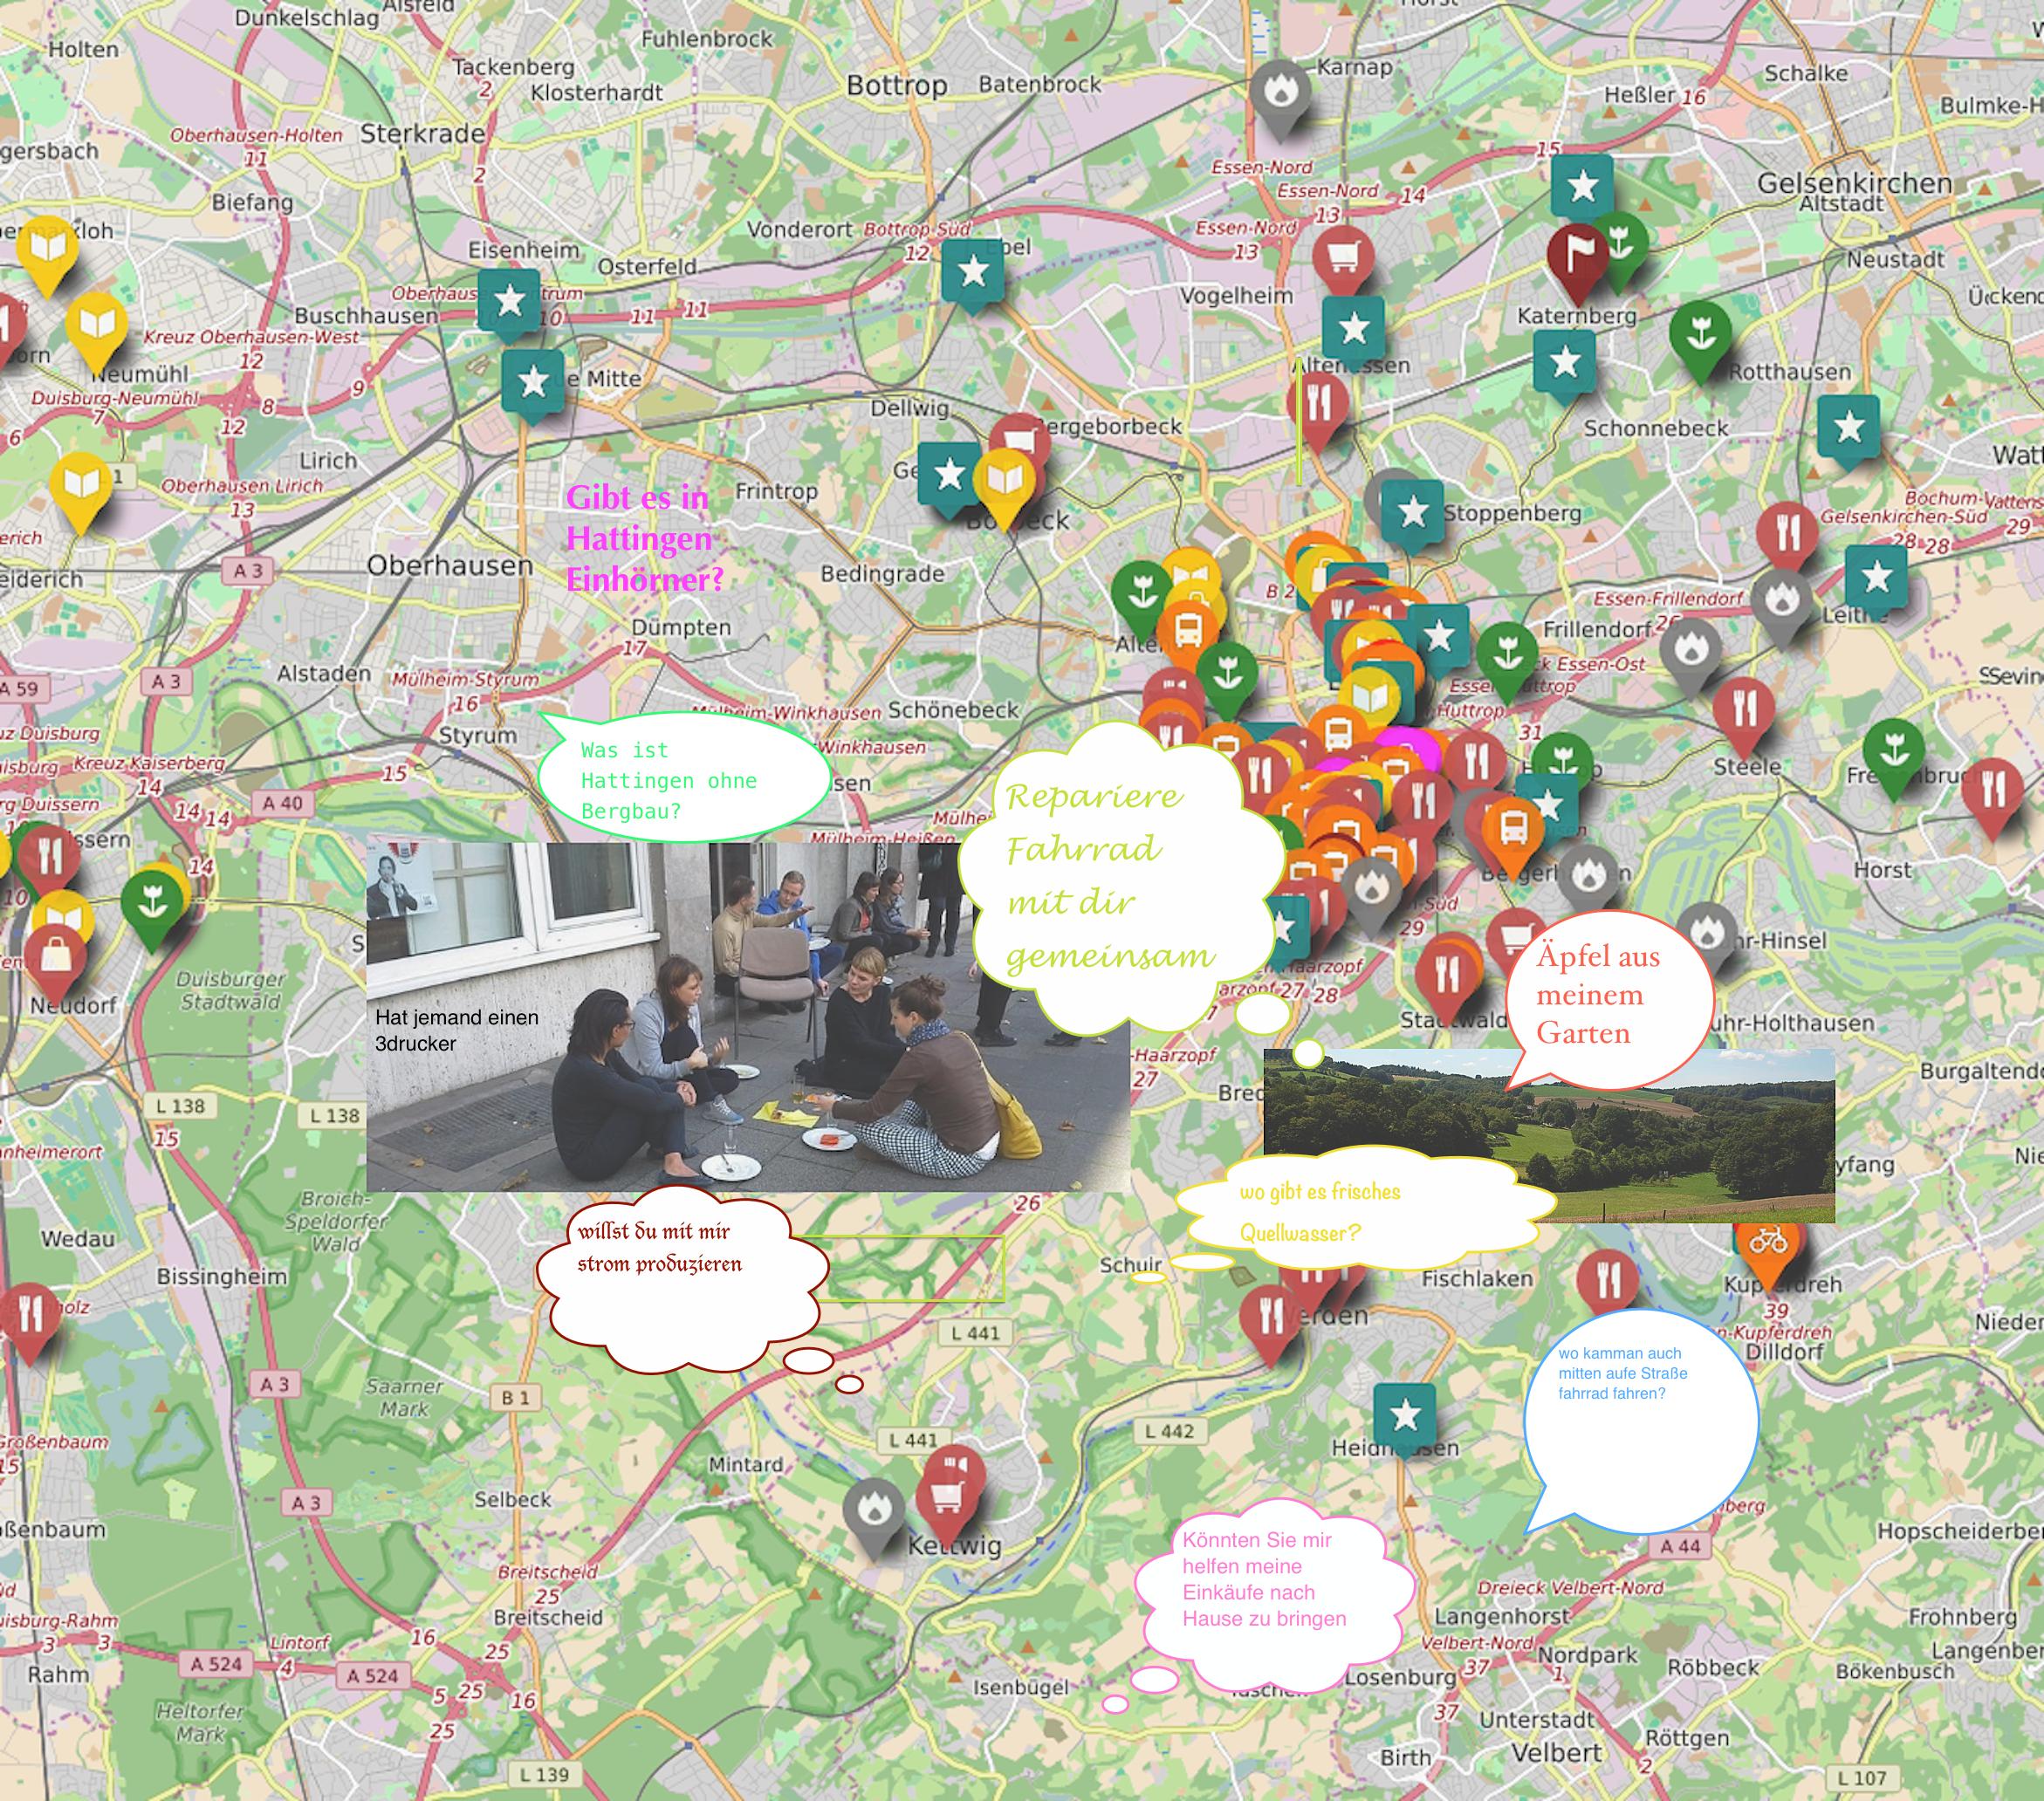 Kartierung der Gemeinschaft nachhaltiges Wiesenviertel